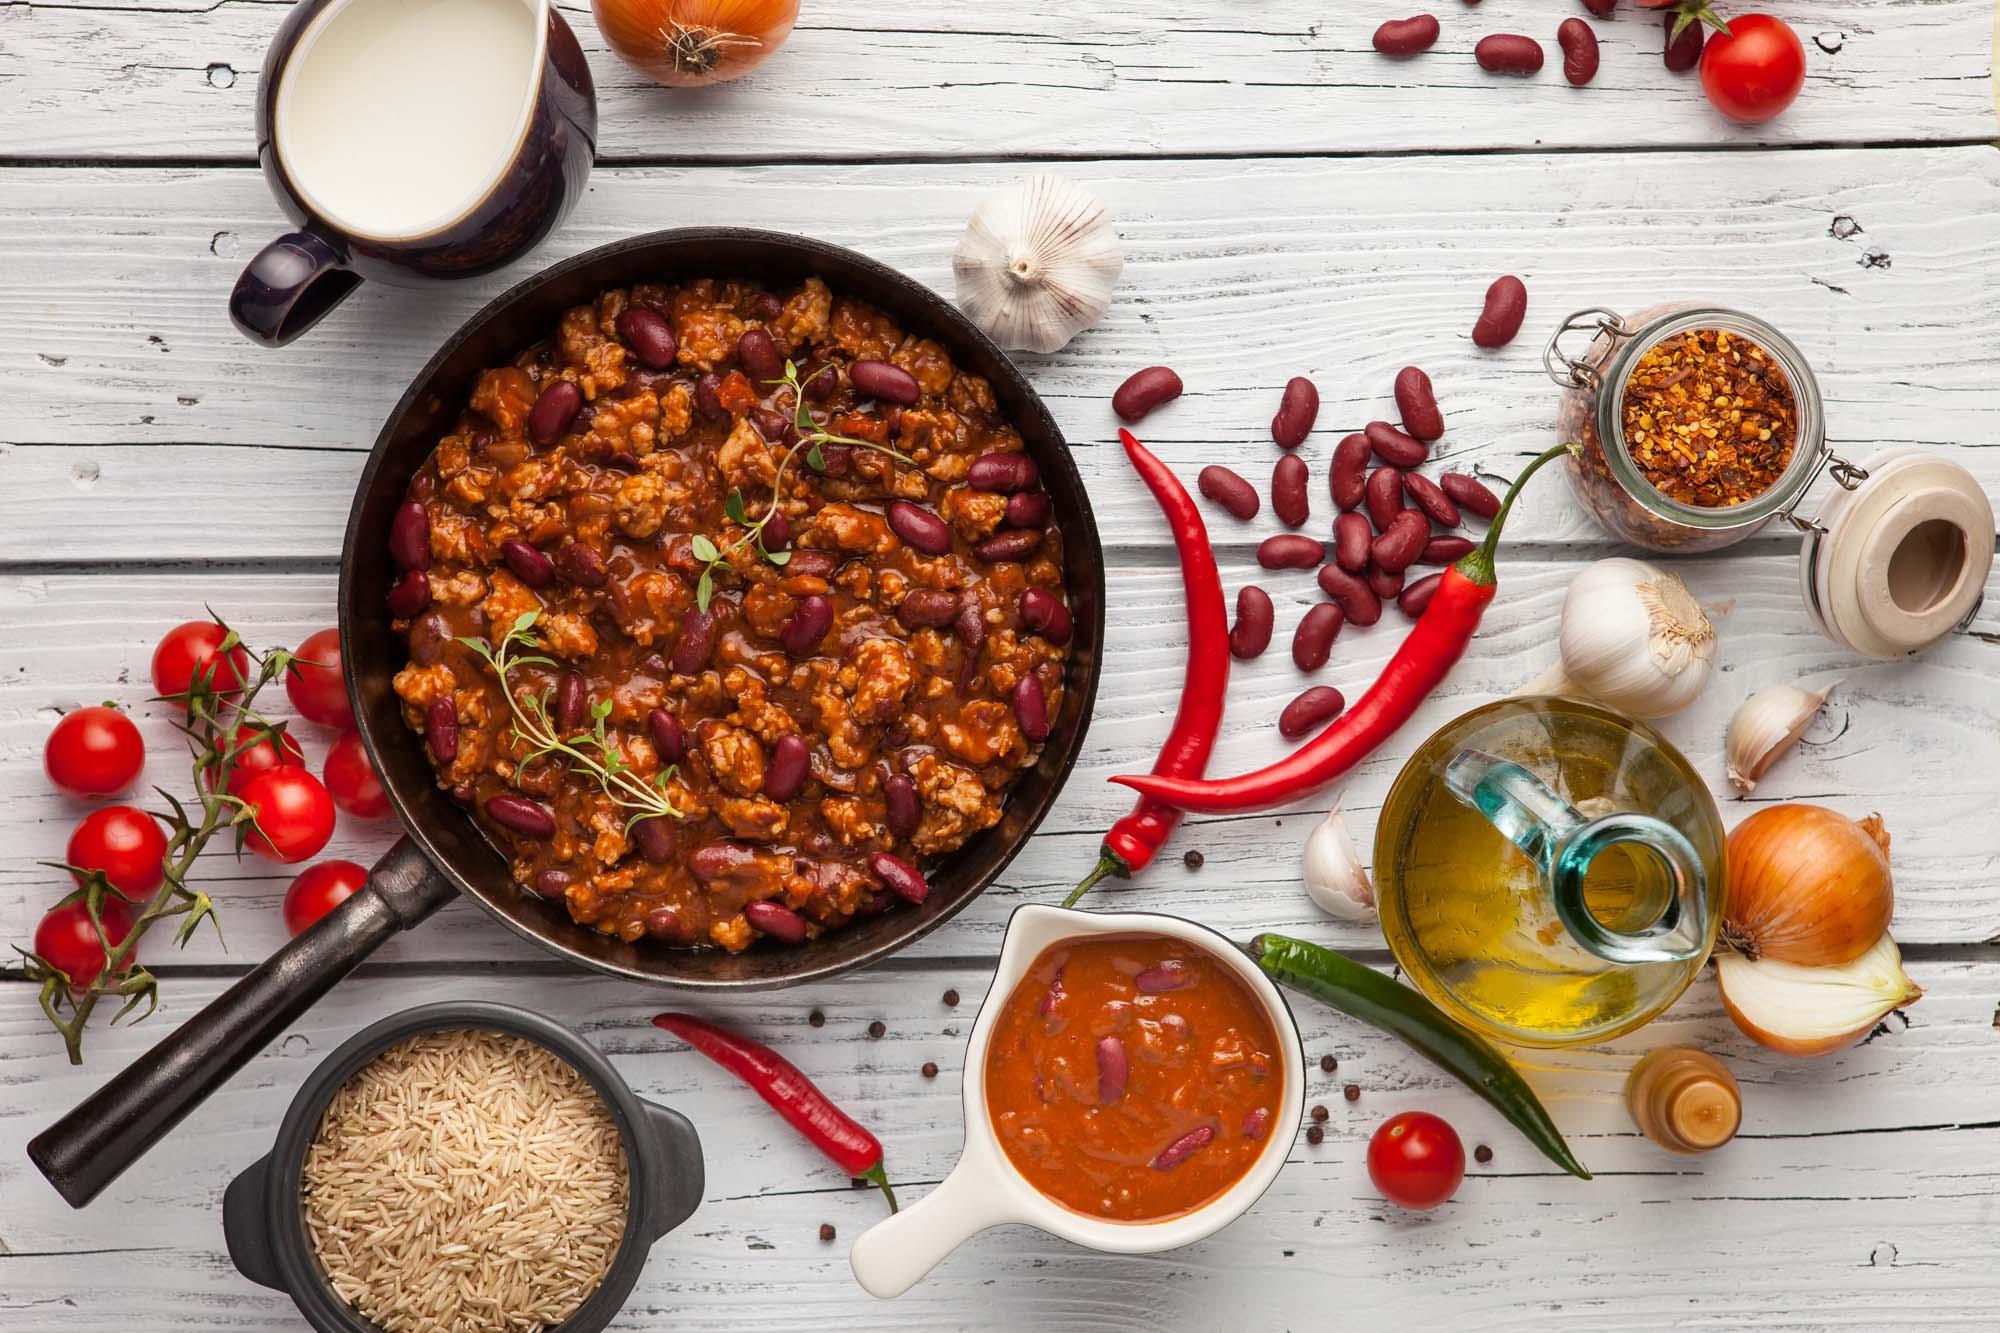 Klassisk chili con carne